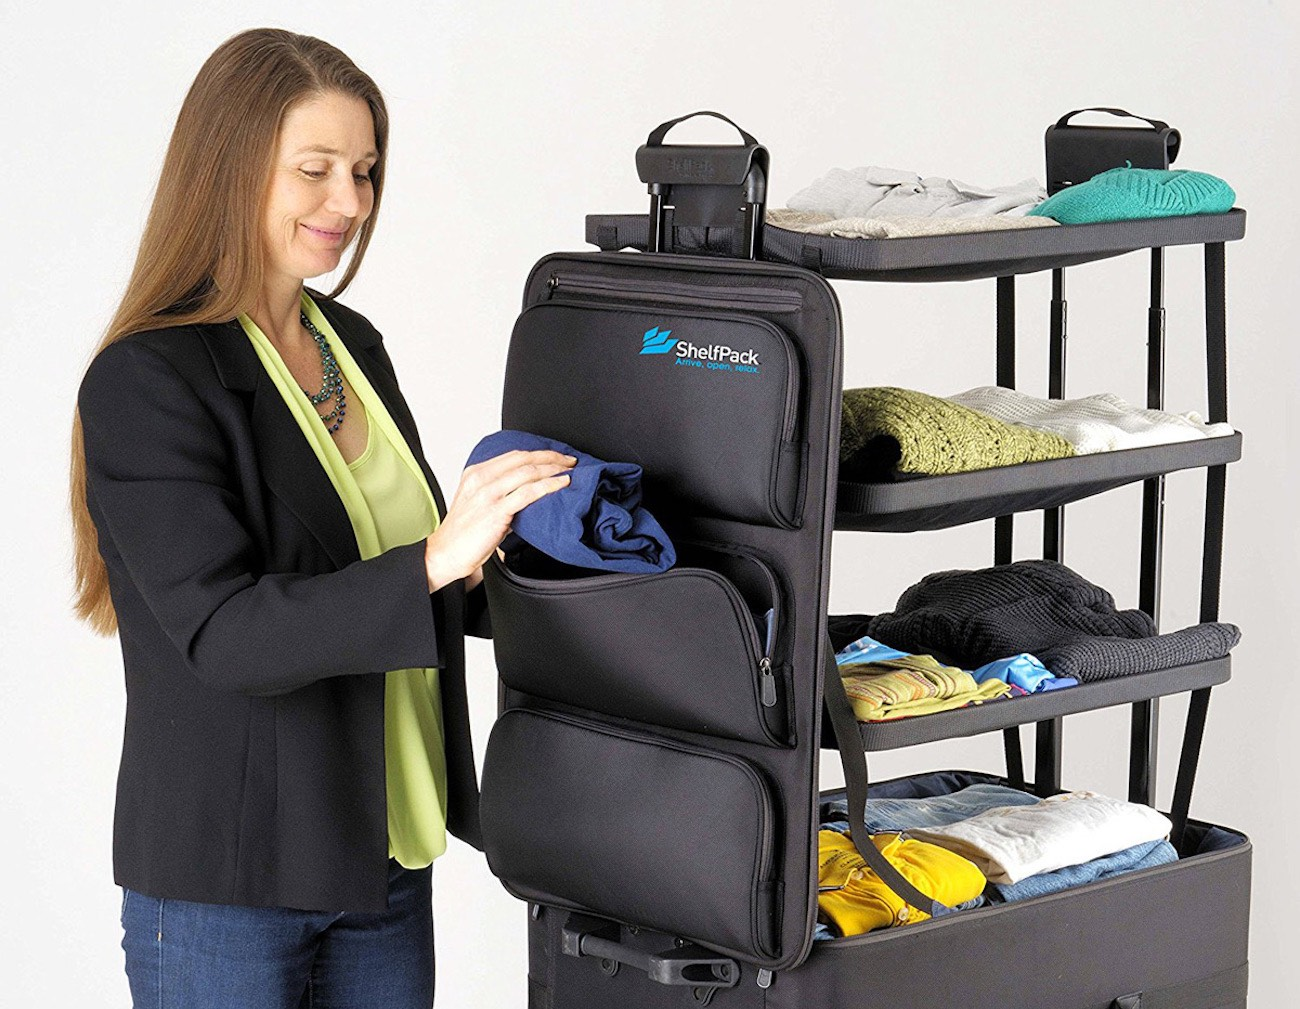 ShelfPack Built-In Shelves Suitcase